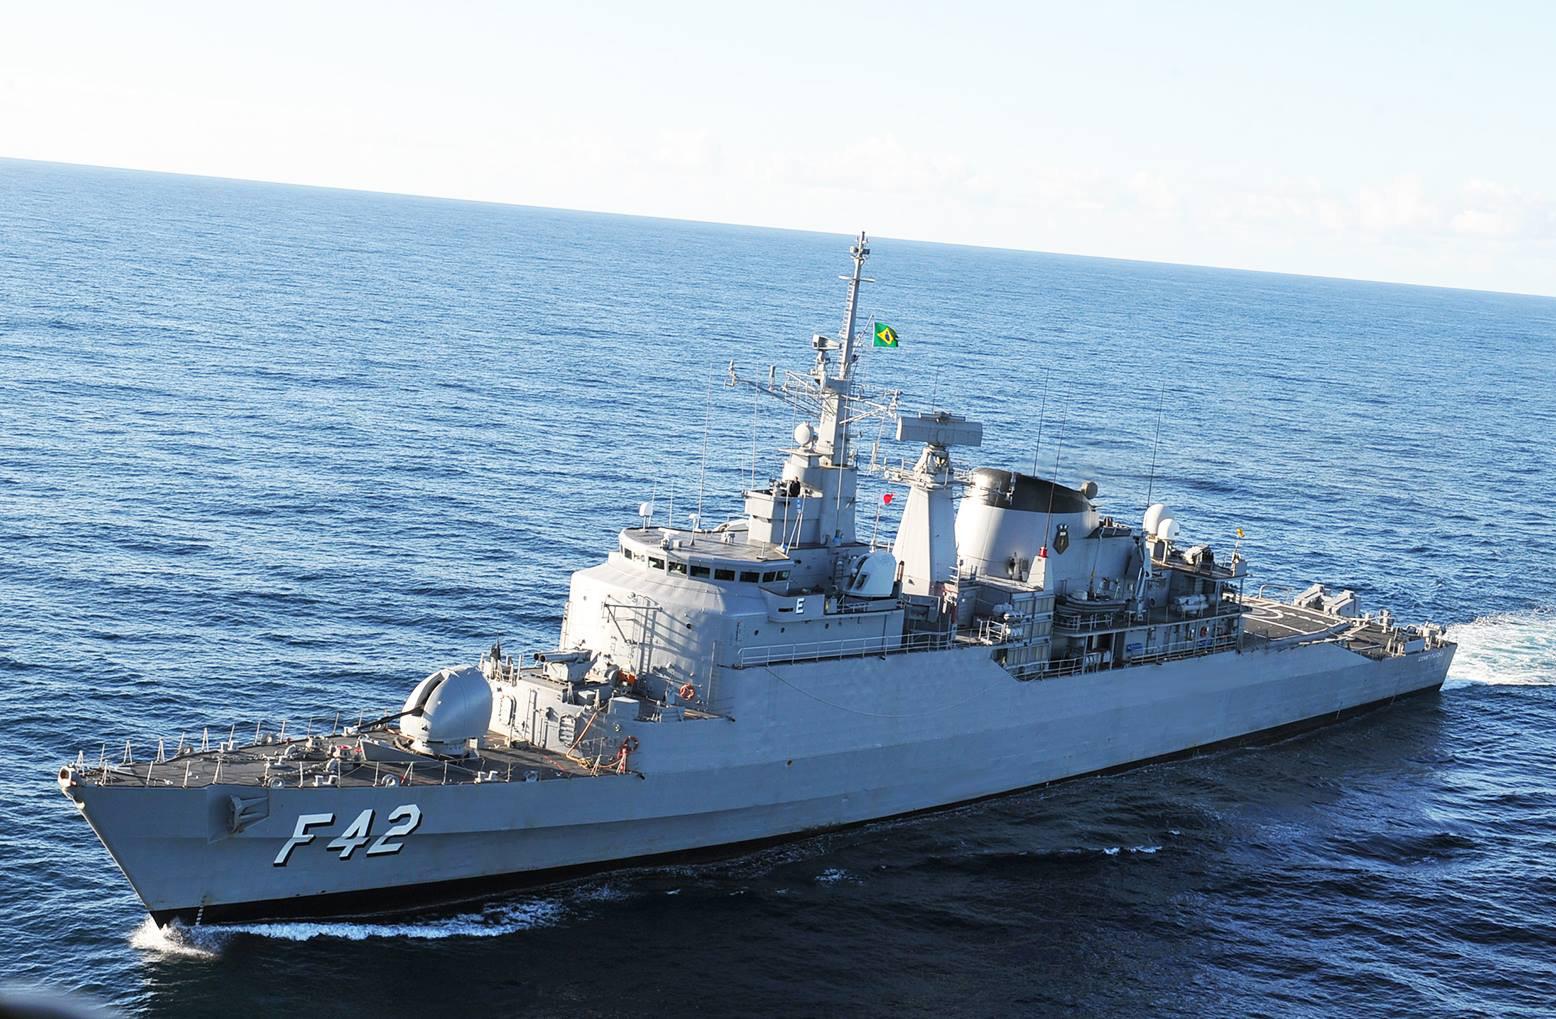 As veteranas no mar outra vez! MB manda para exercício com os argentinos 3 das suas fragatas mais cotadas para a baixa (que, agora sabemos,ainda terão um bom tempo na ativa…)